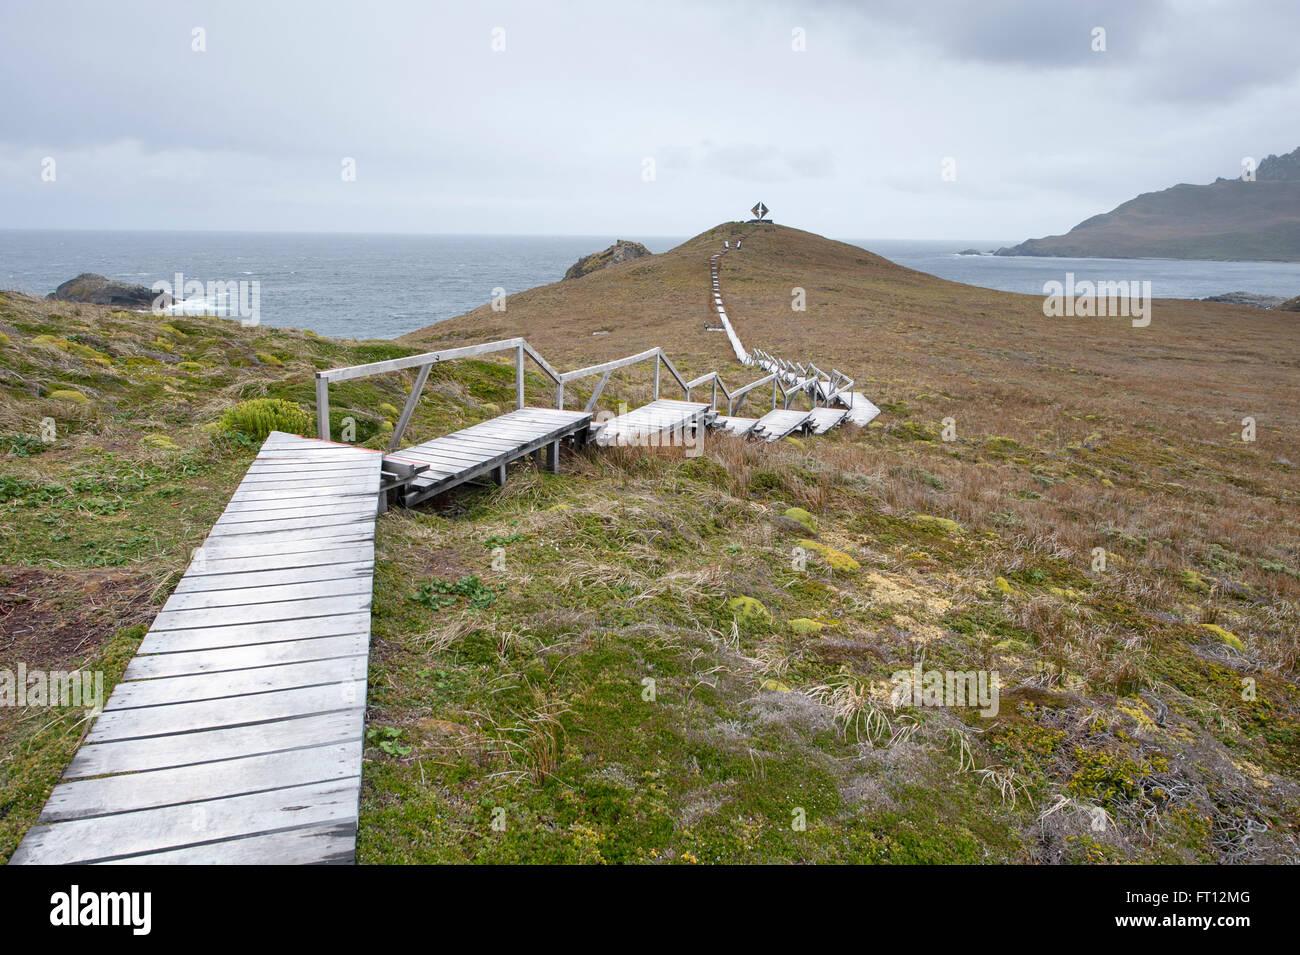 Boardwalk to Albatros monument in Cape Horn National Park, Cape Horn, Isla Hornos, Magallanes y de la Antartica - Stock Image